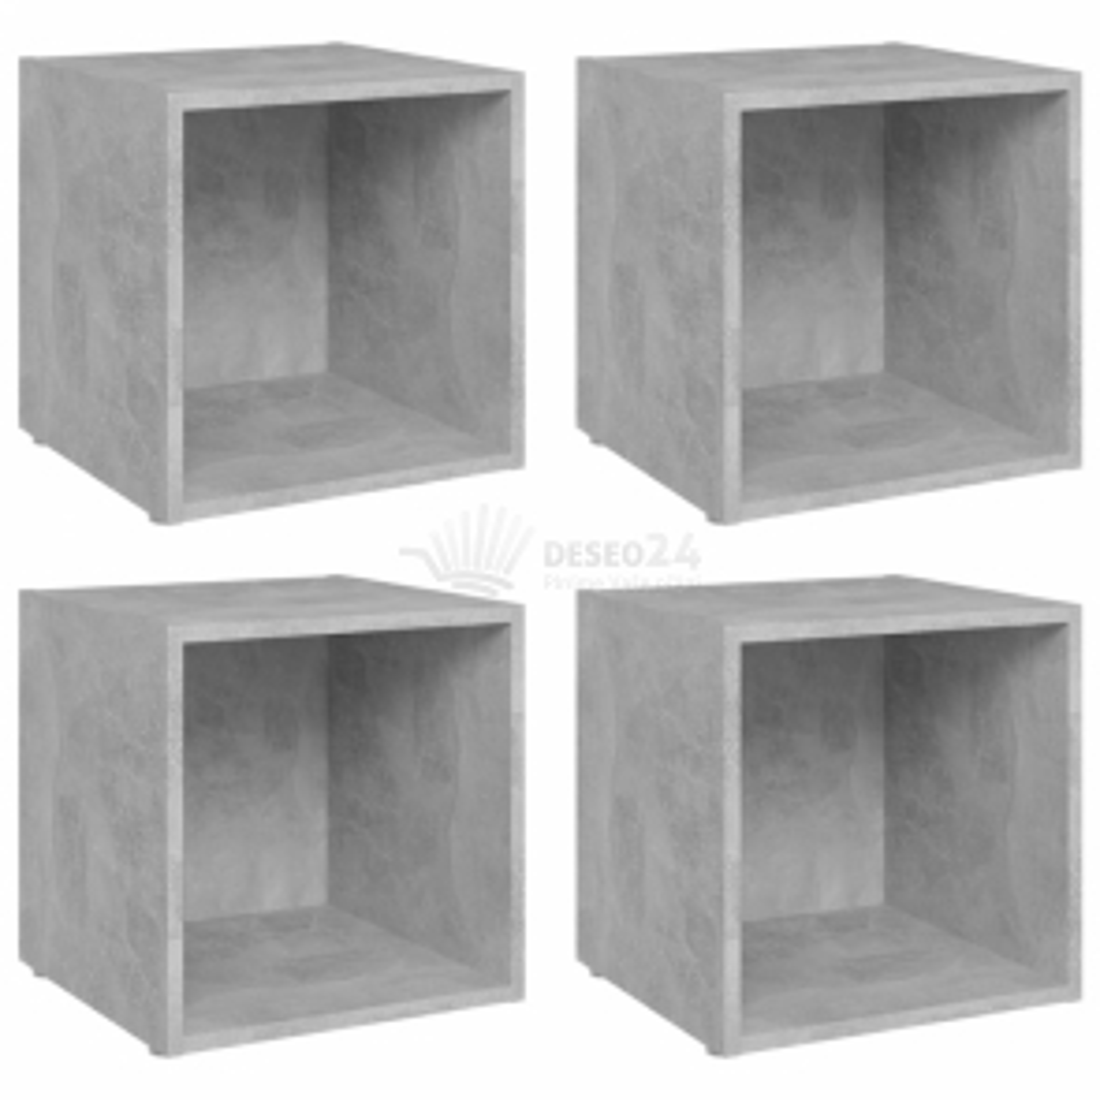 vidaXL TV stolky 4 ks betonově šedé 37 x 35 x 37 cm dřevotříska [805512]